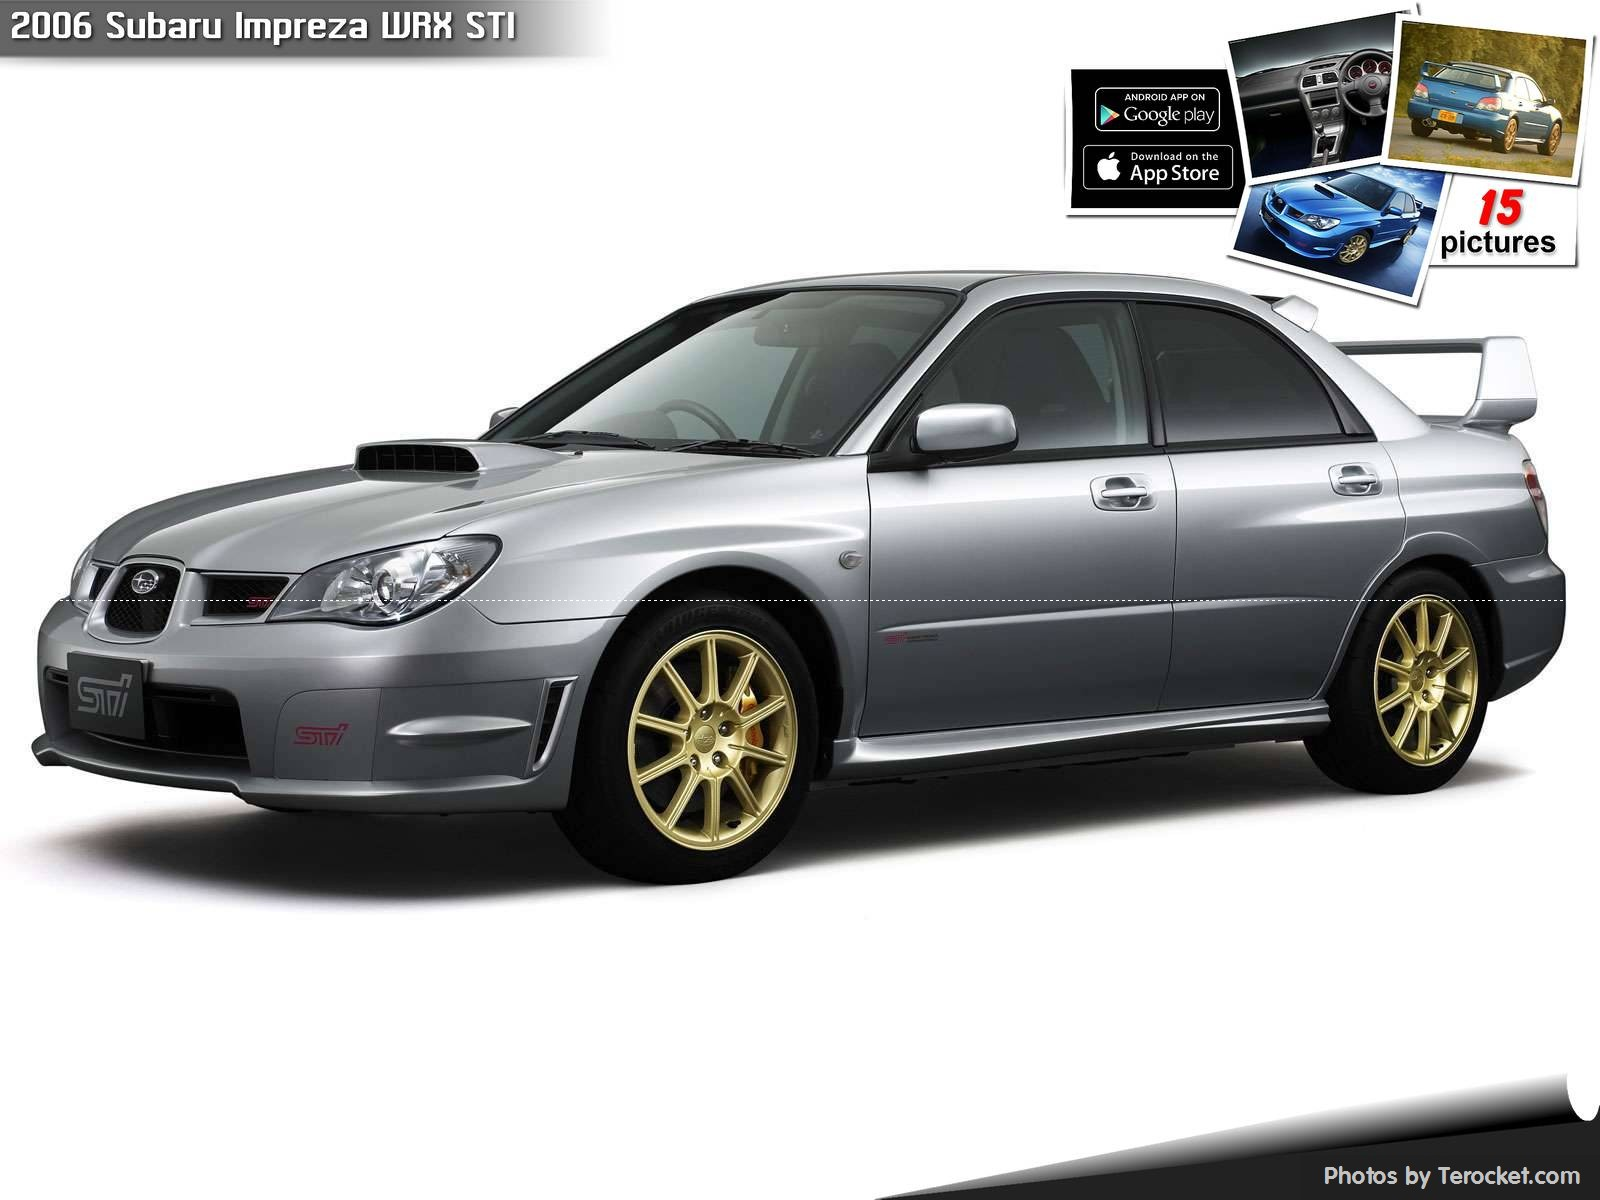 Hình ảnh xe ô tô Subaru Impreza WRX STI 2006 & nội ngoại thất